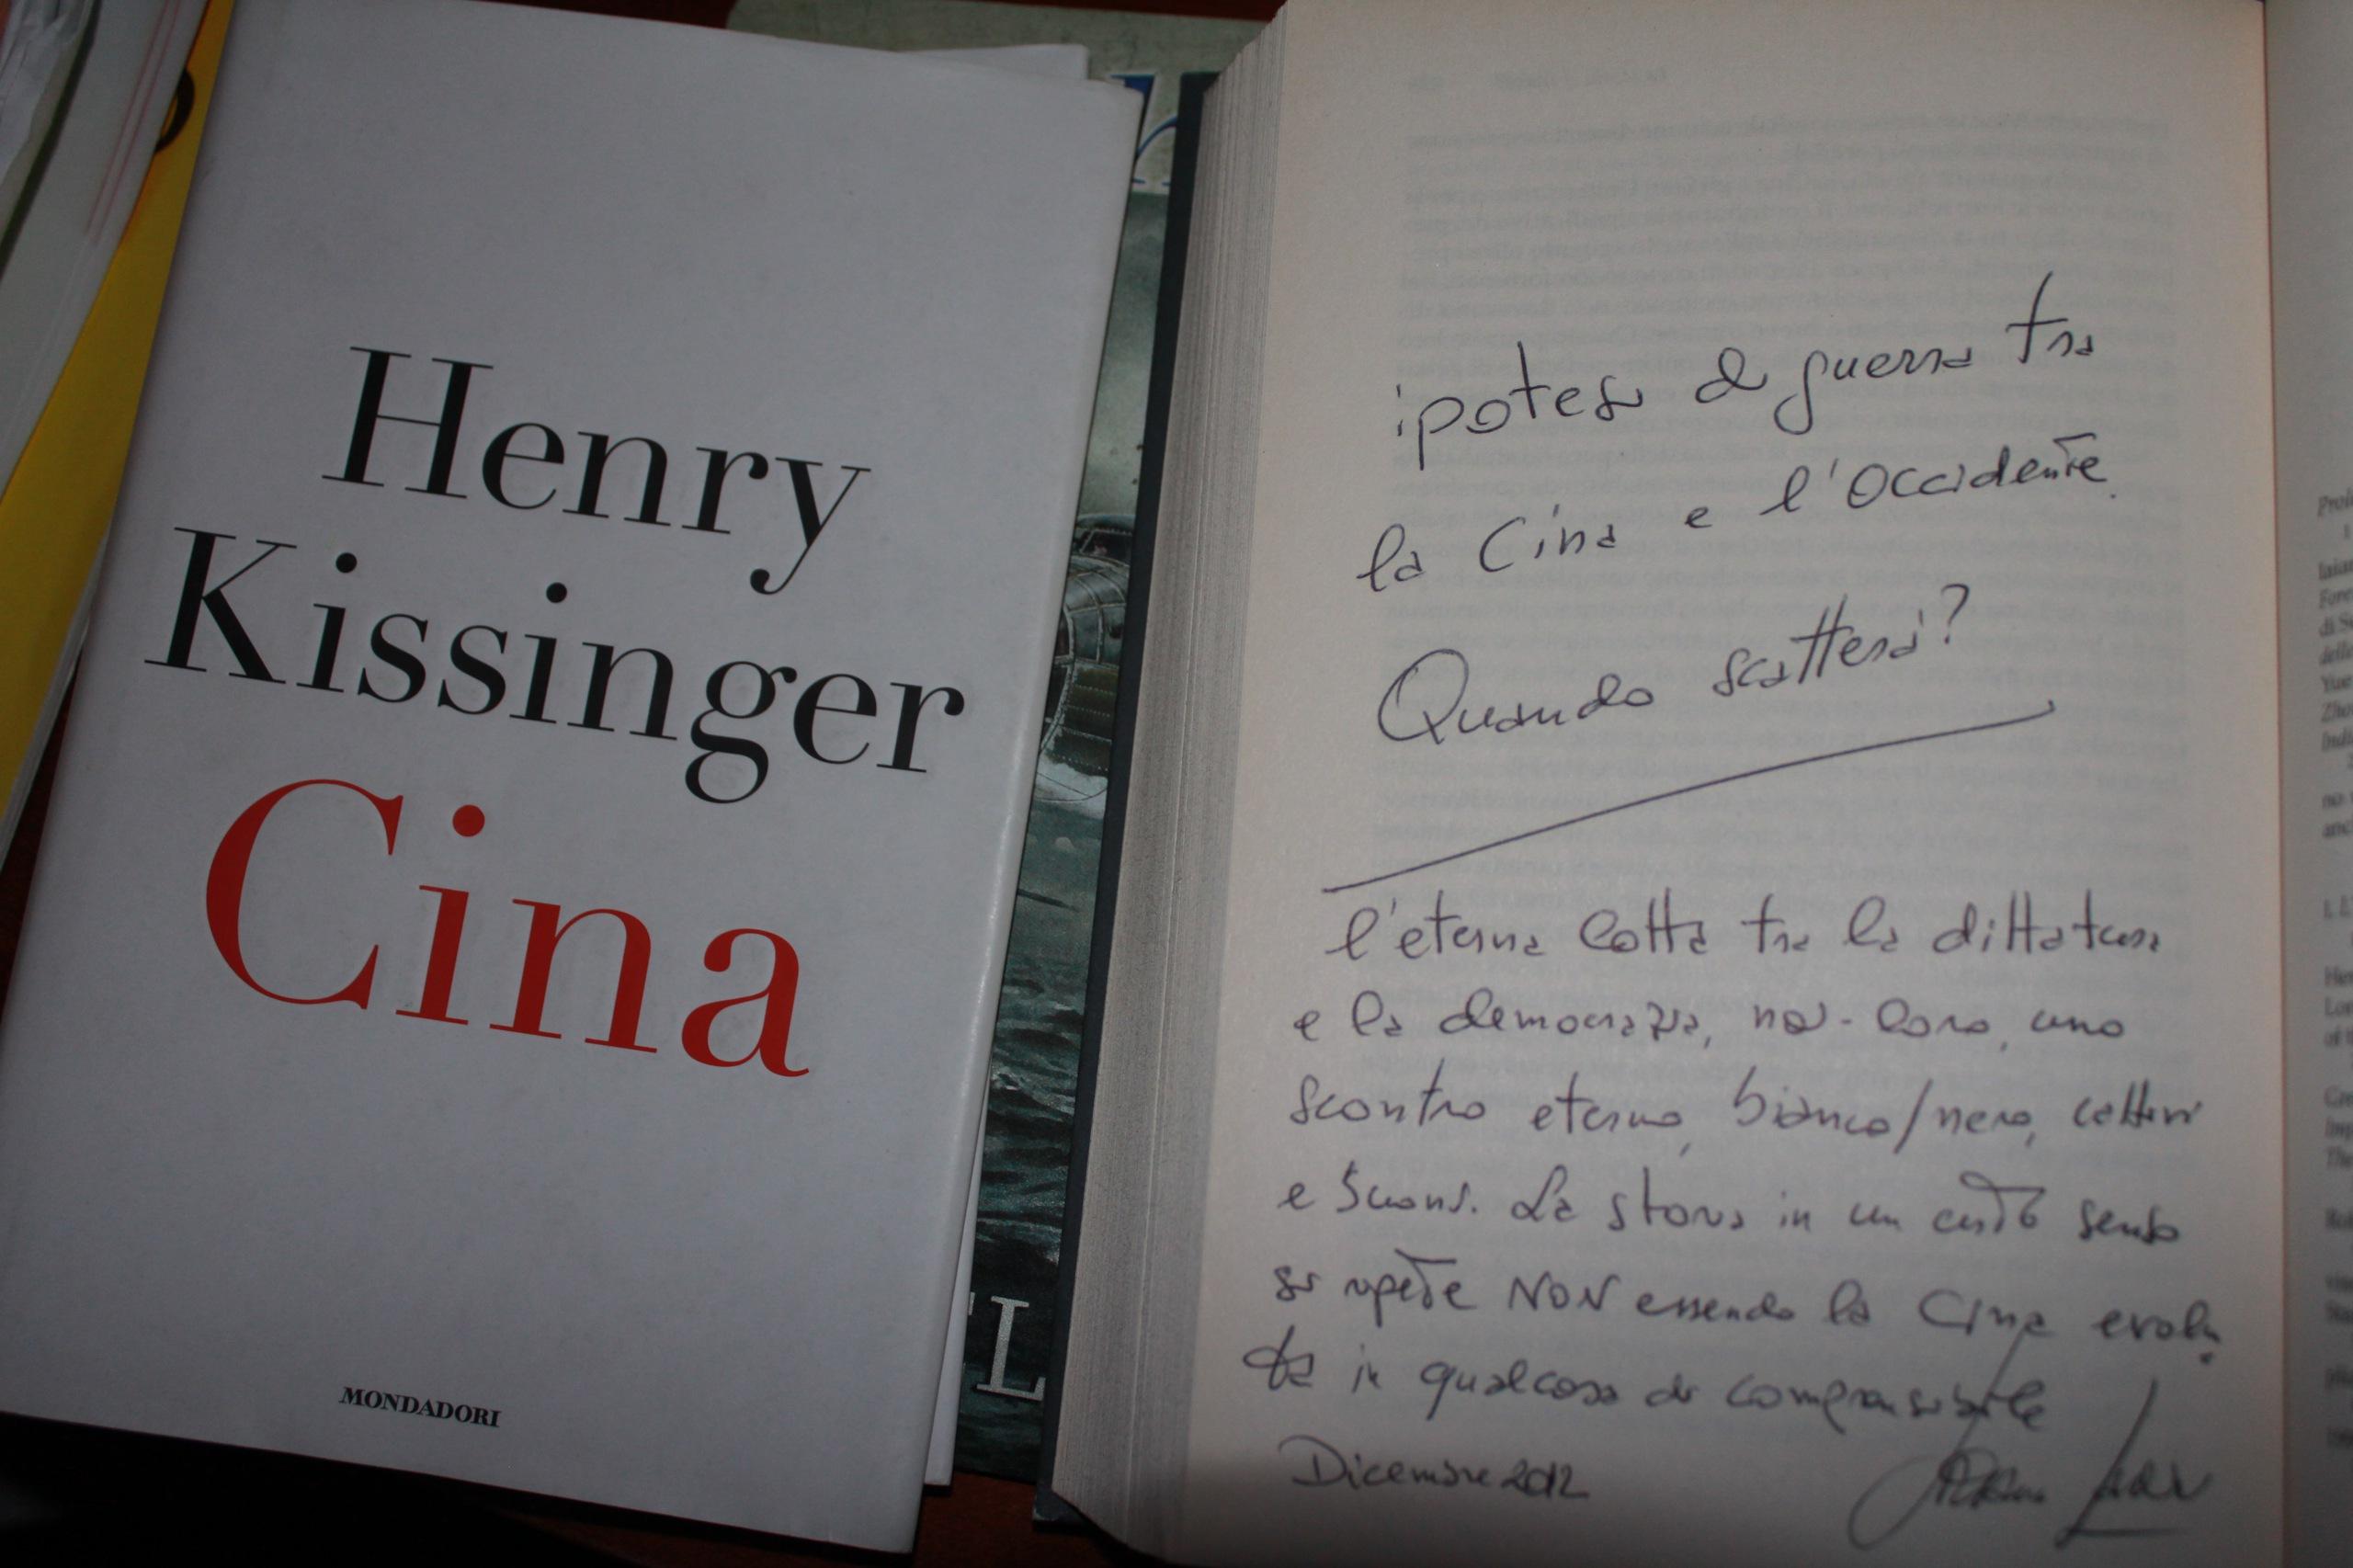 La Cina e la dittatura incompatibile con la democrazia.